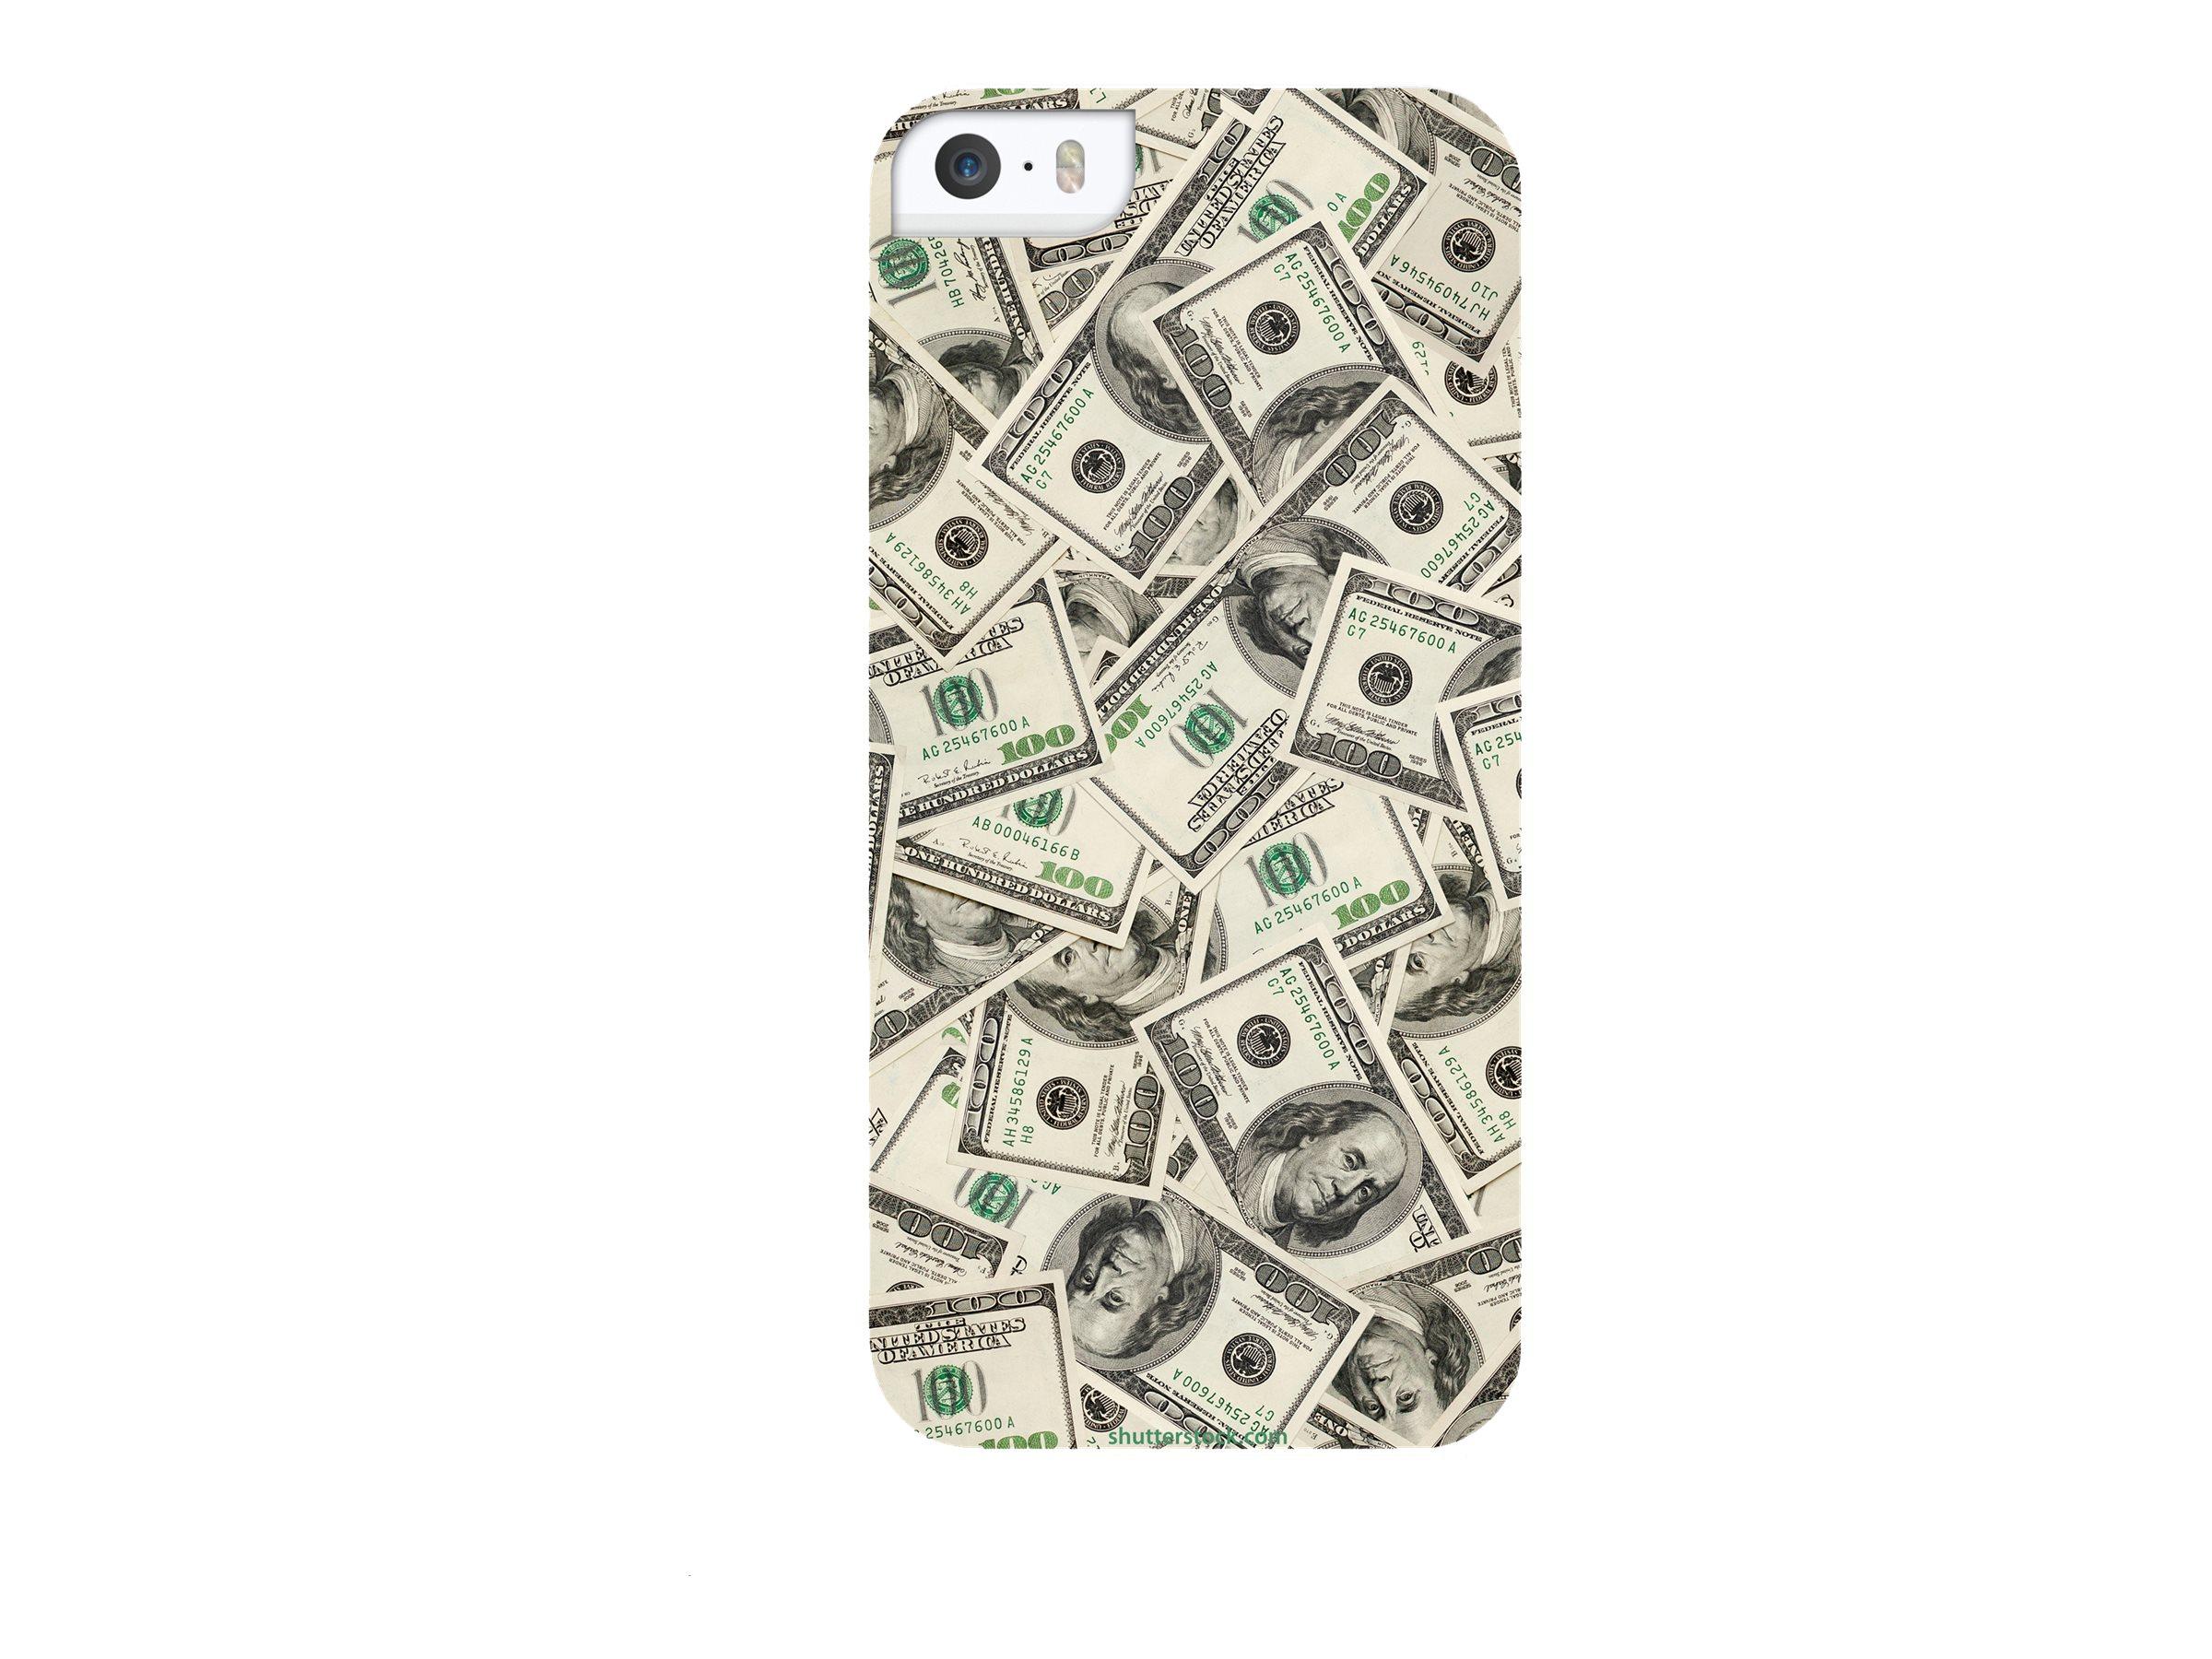 Muvit Billets Dollars Case coque de protection pour téléphone portable